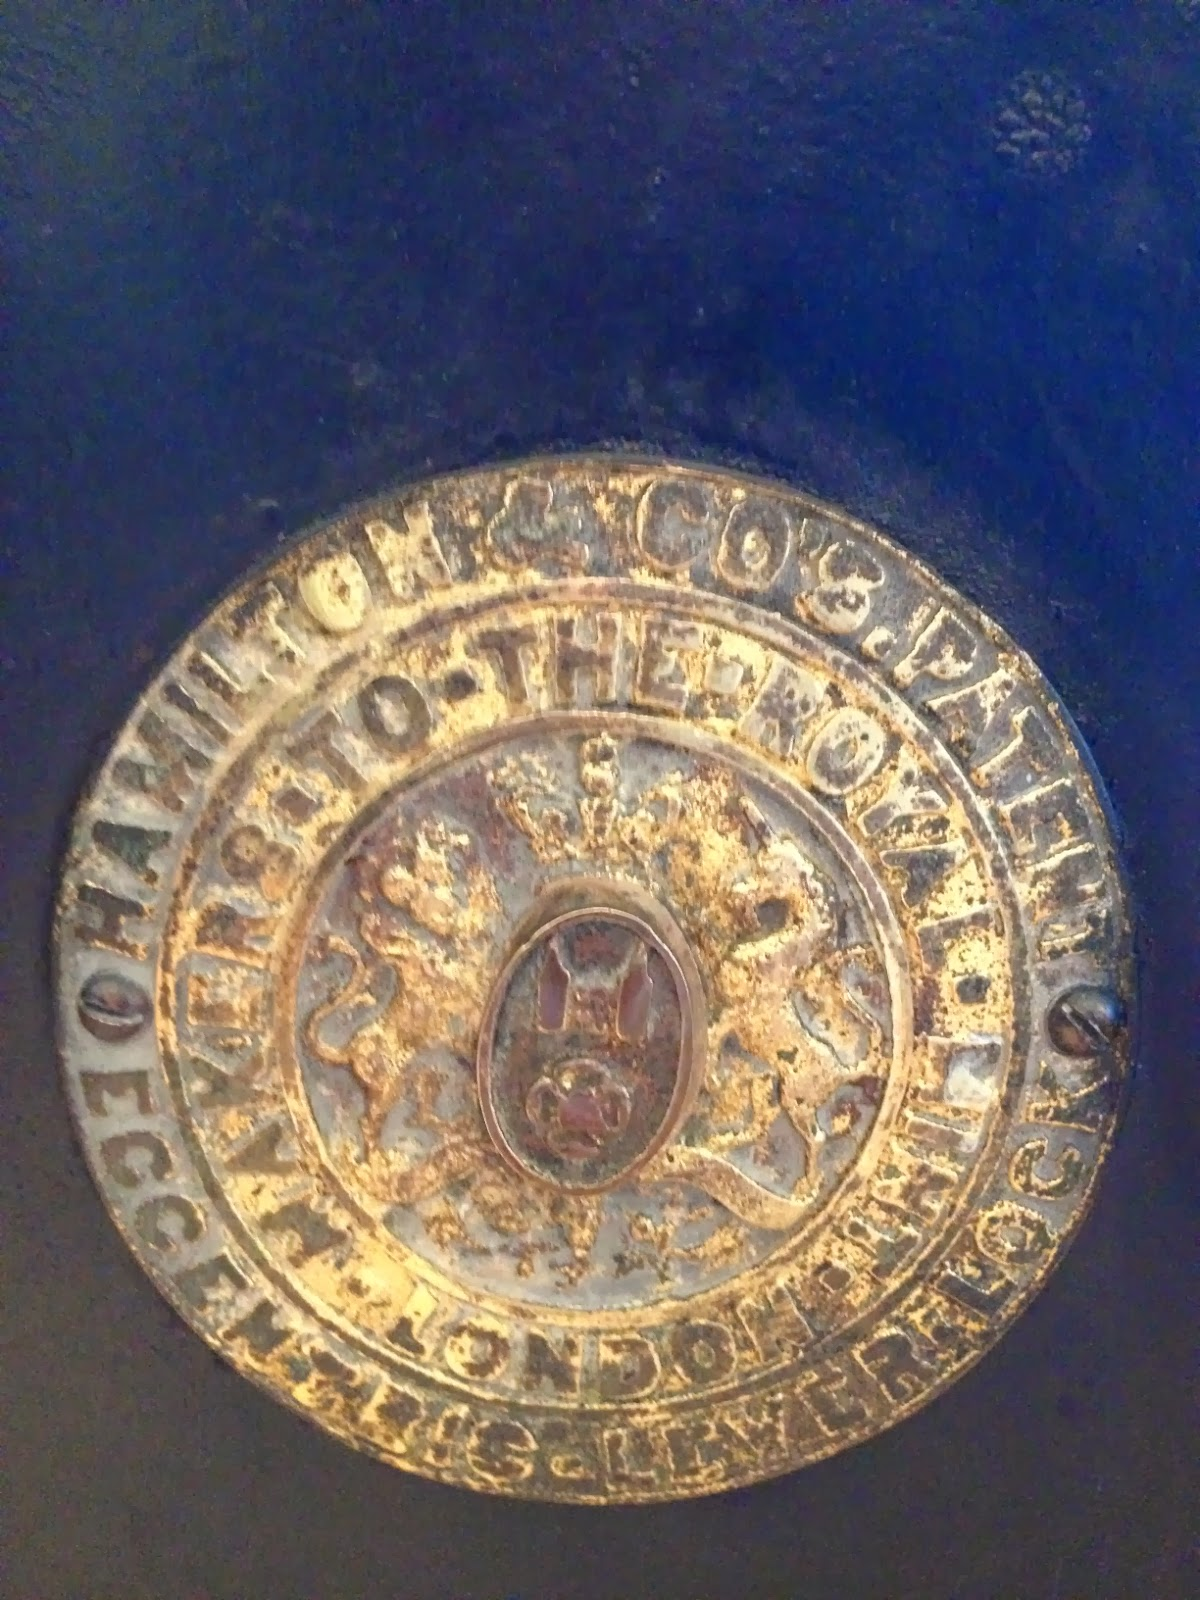 Hamilton & Co's Patent Eccentric Lever Lock Safe